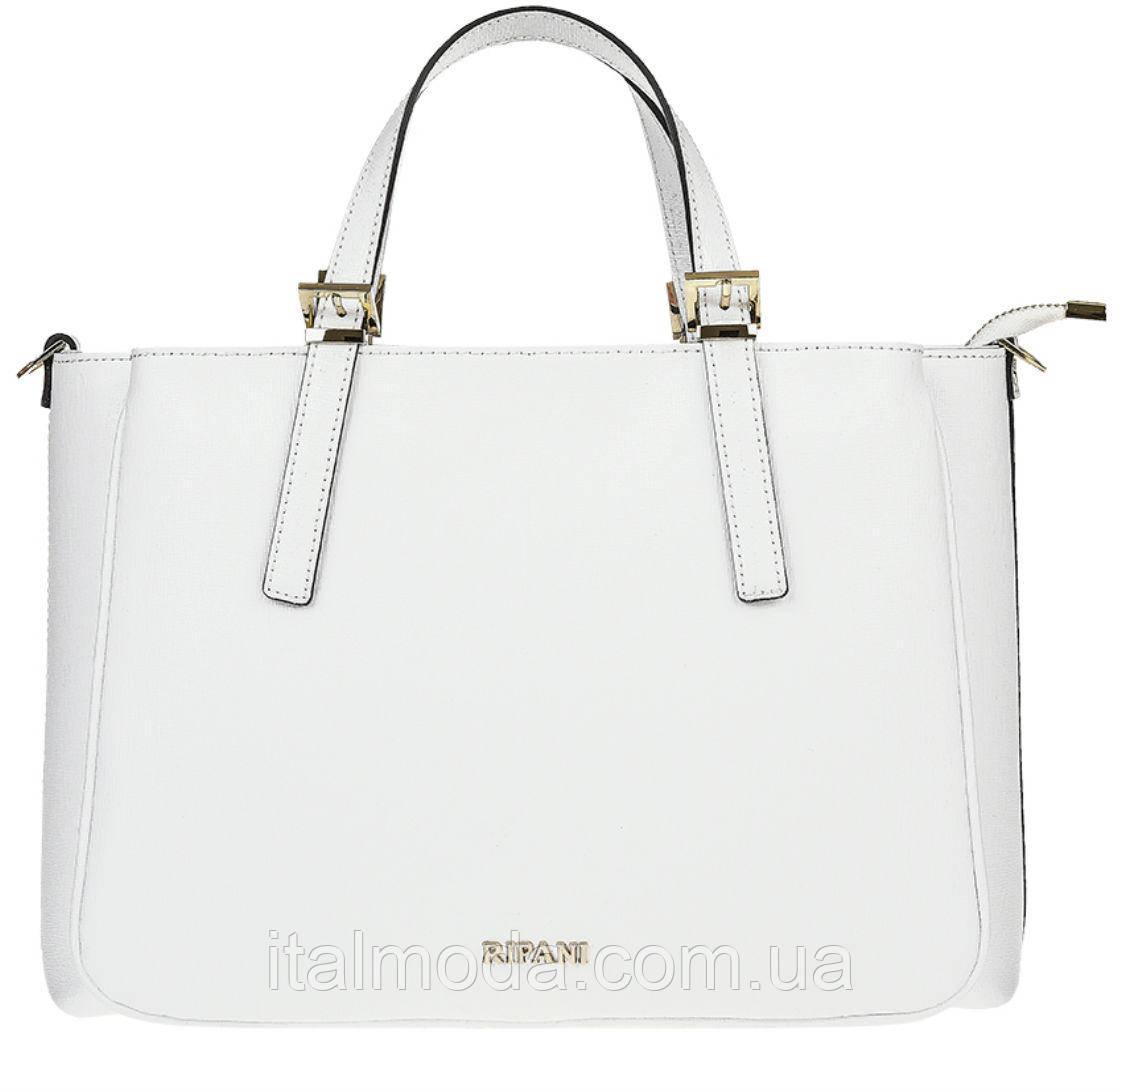 d6cff323080c Женская итальянская кожаная сумка Ripani (Рипани) 9281 - Интернет-магазин